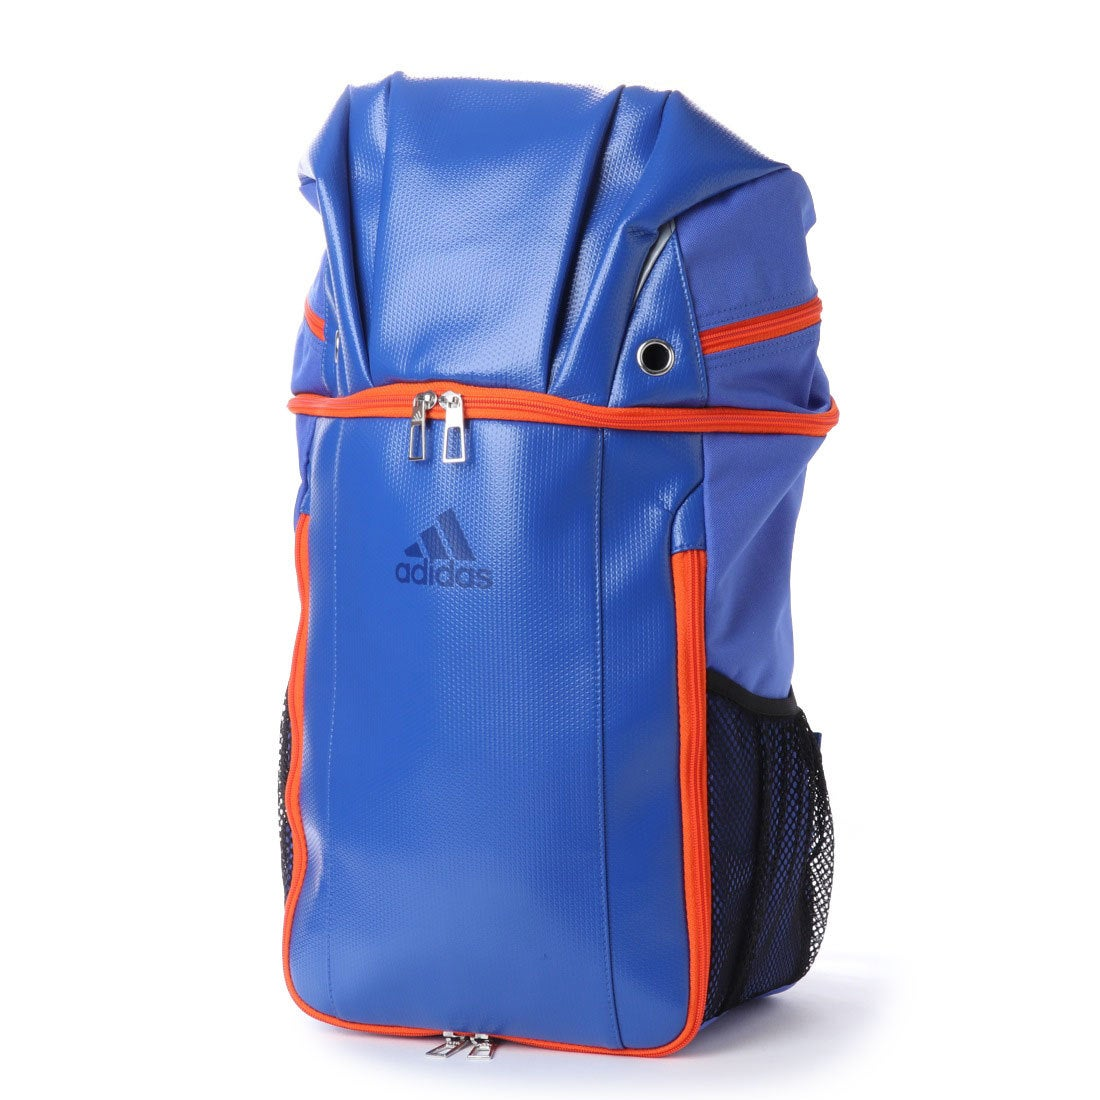 アディダス adidas サッカー フットサル バックパック ボール用デイパック ADP26B